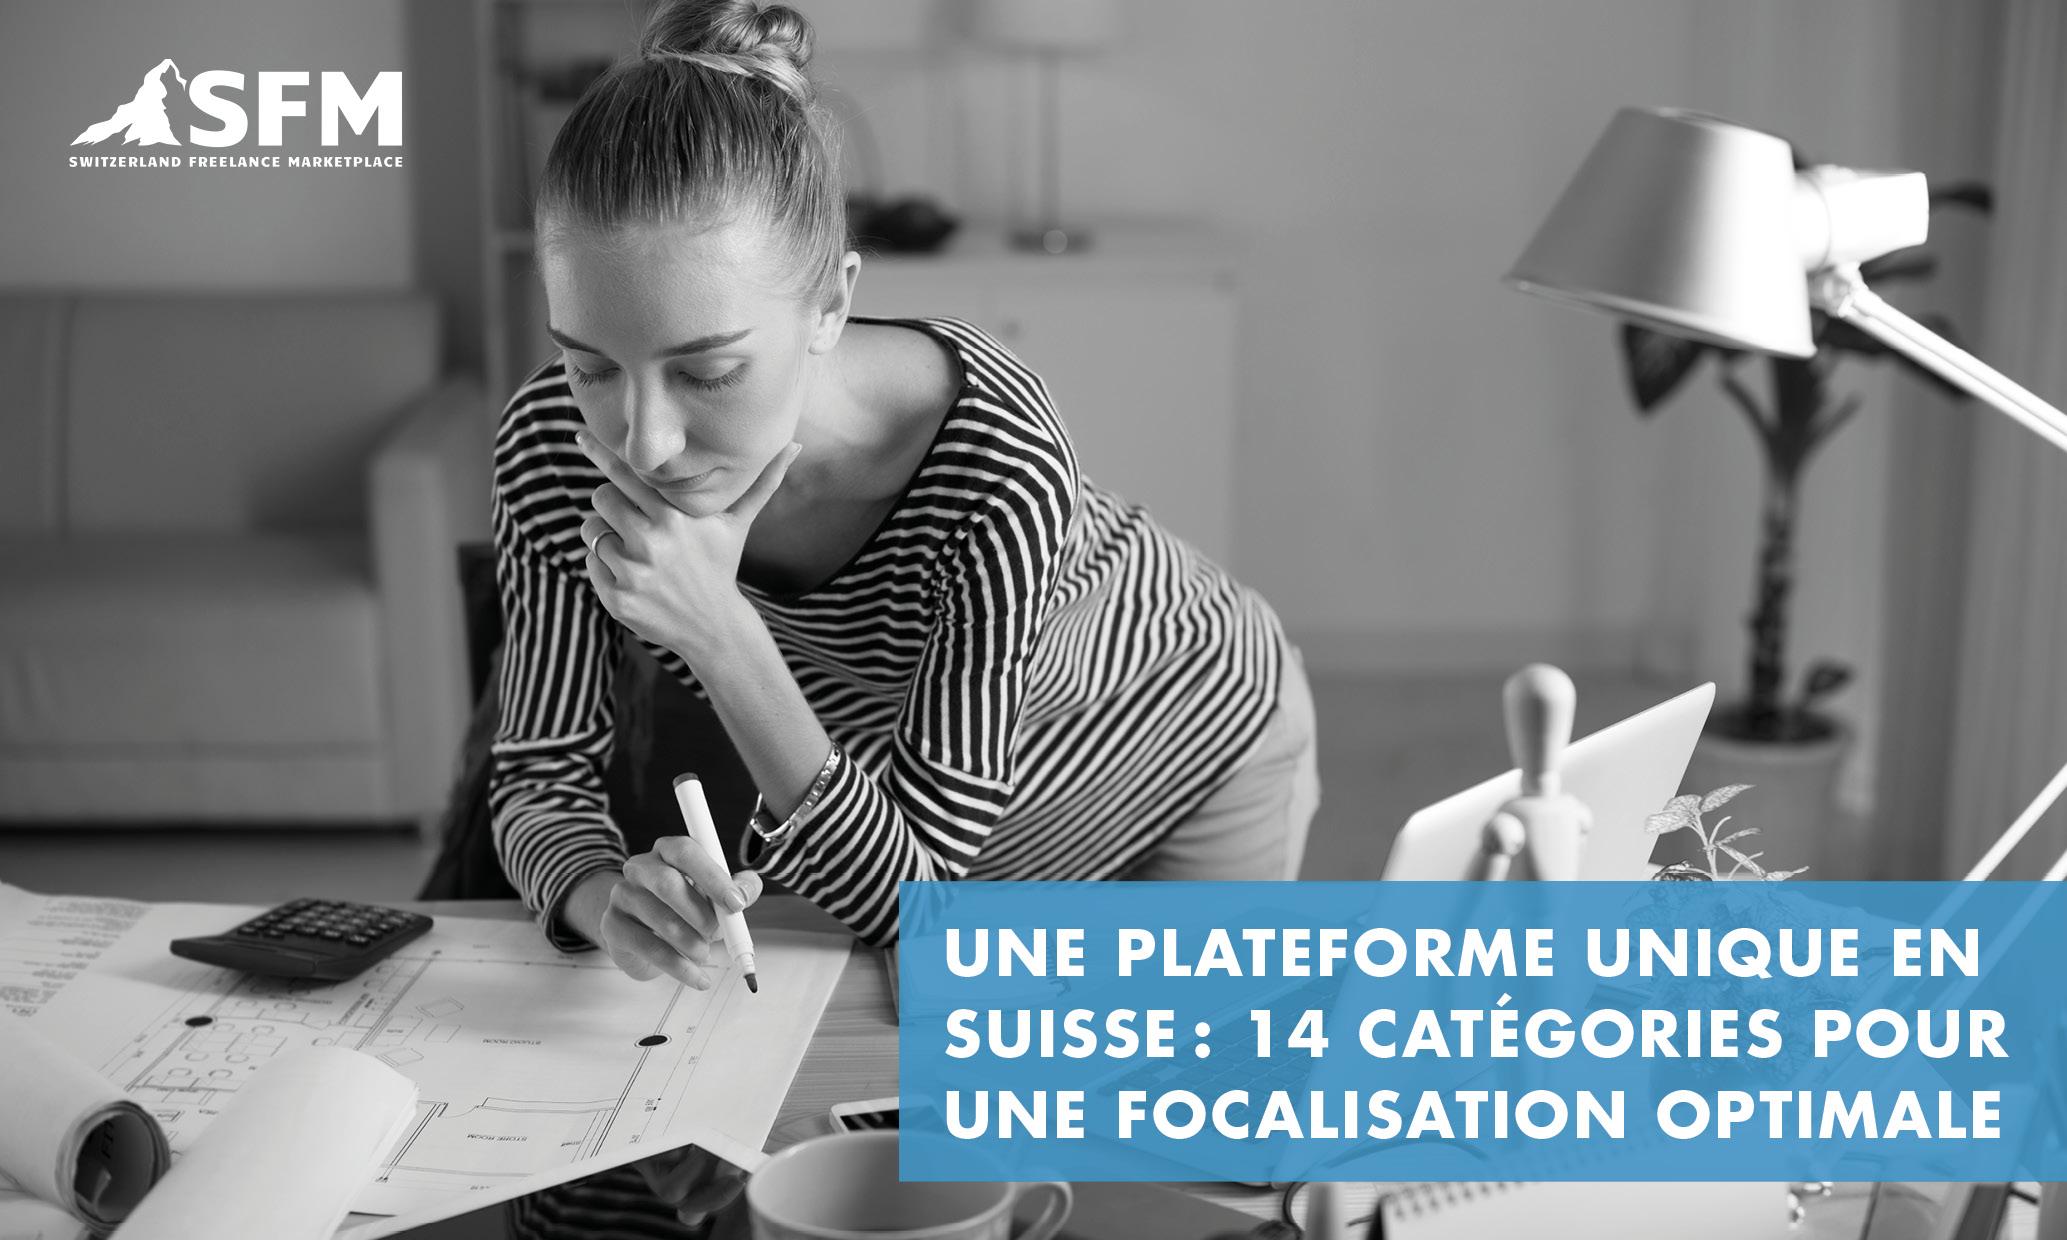 Une plateforme unique en Suisse: 14 catégories pour une focalisation optimale